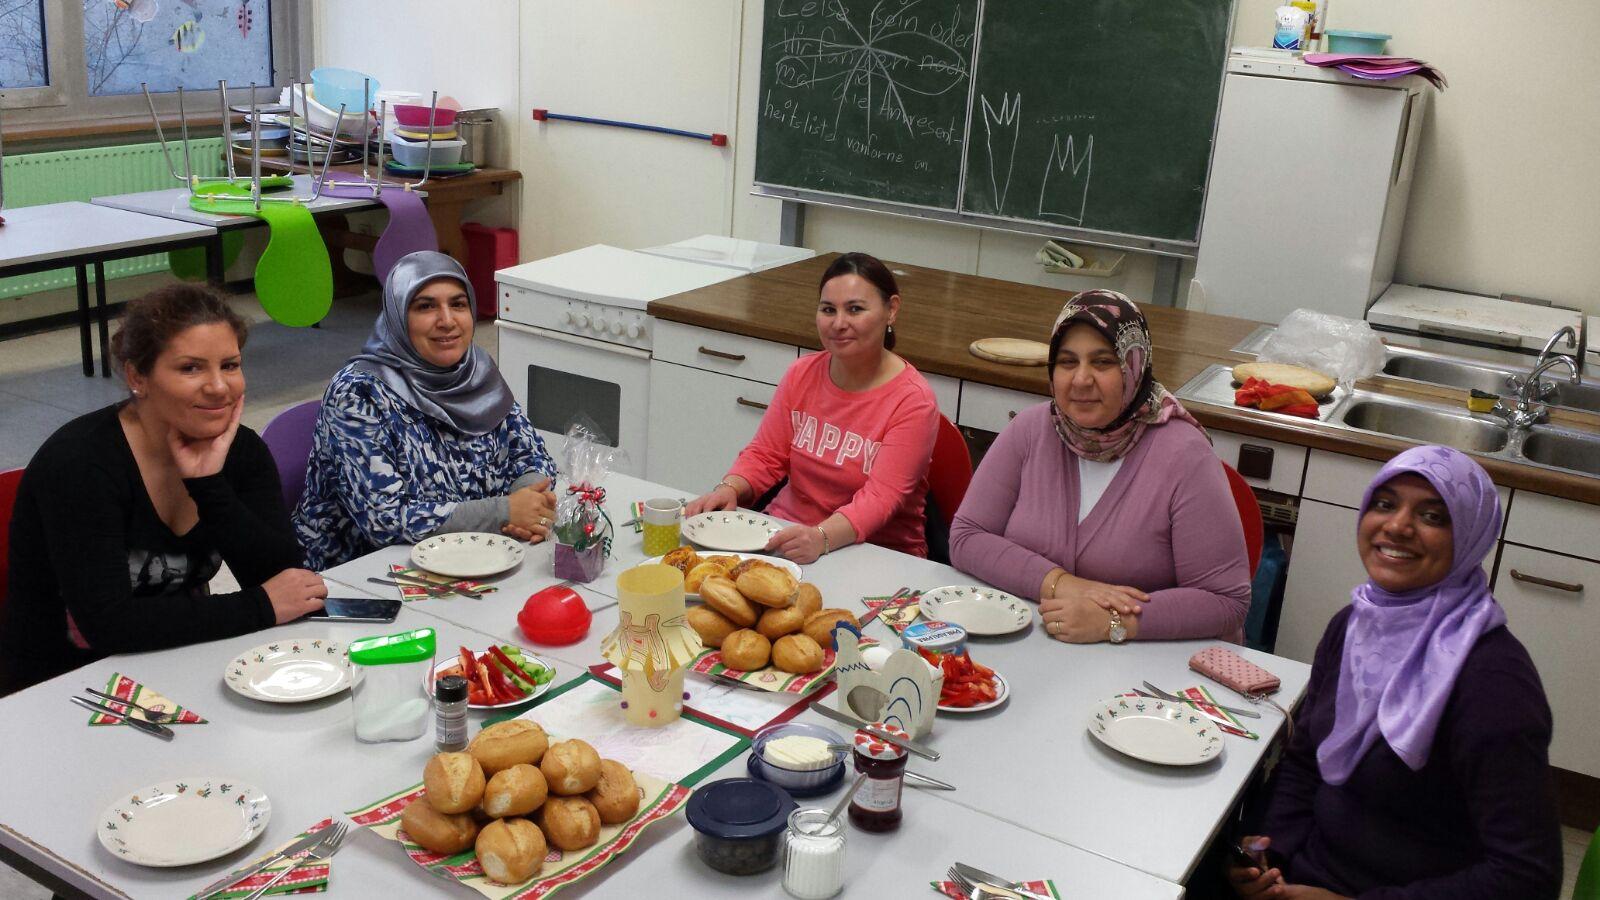 Die Rucksack-Gruppe der Regenbogenschule hat gemeinsam ein deutsches Frühstück  vorbereitet und lernt dazu die passenden Vokabeln (Foto: Stadt Krefeld, Kommunales Integrationszentrum)